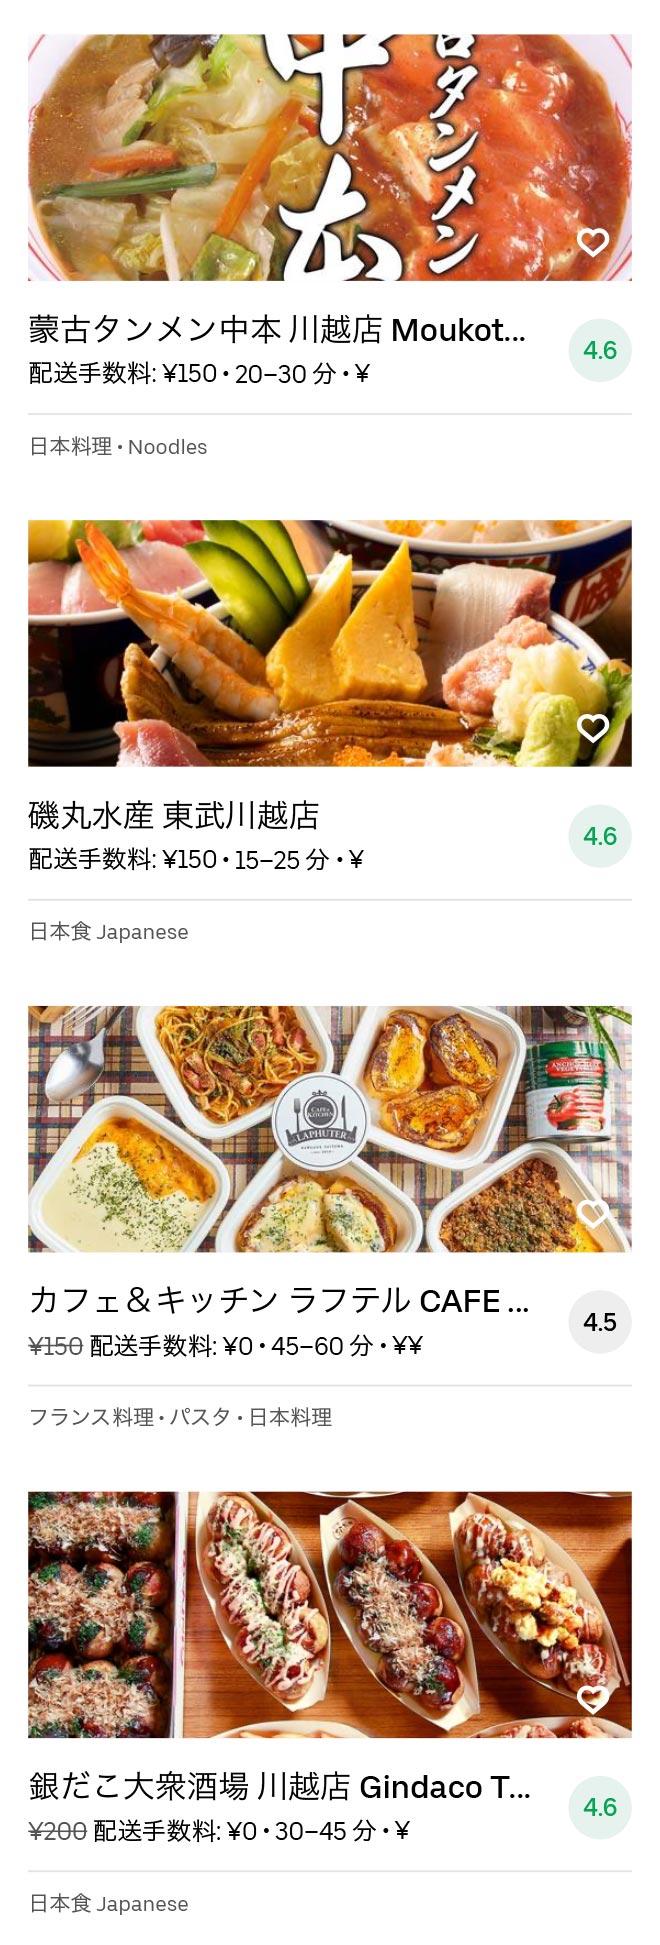 Kawagoeshi menu 2008 09